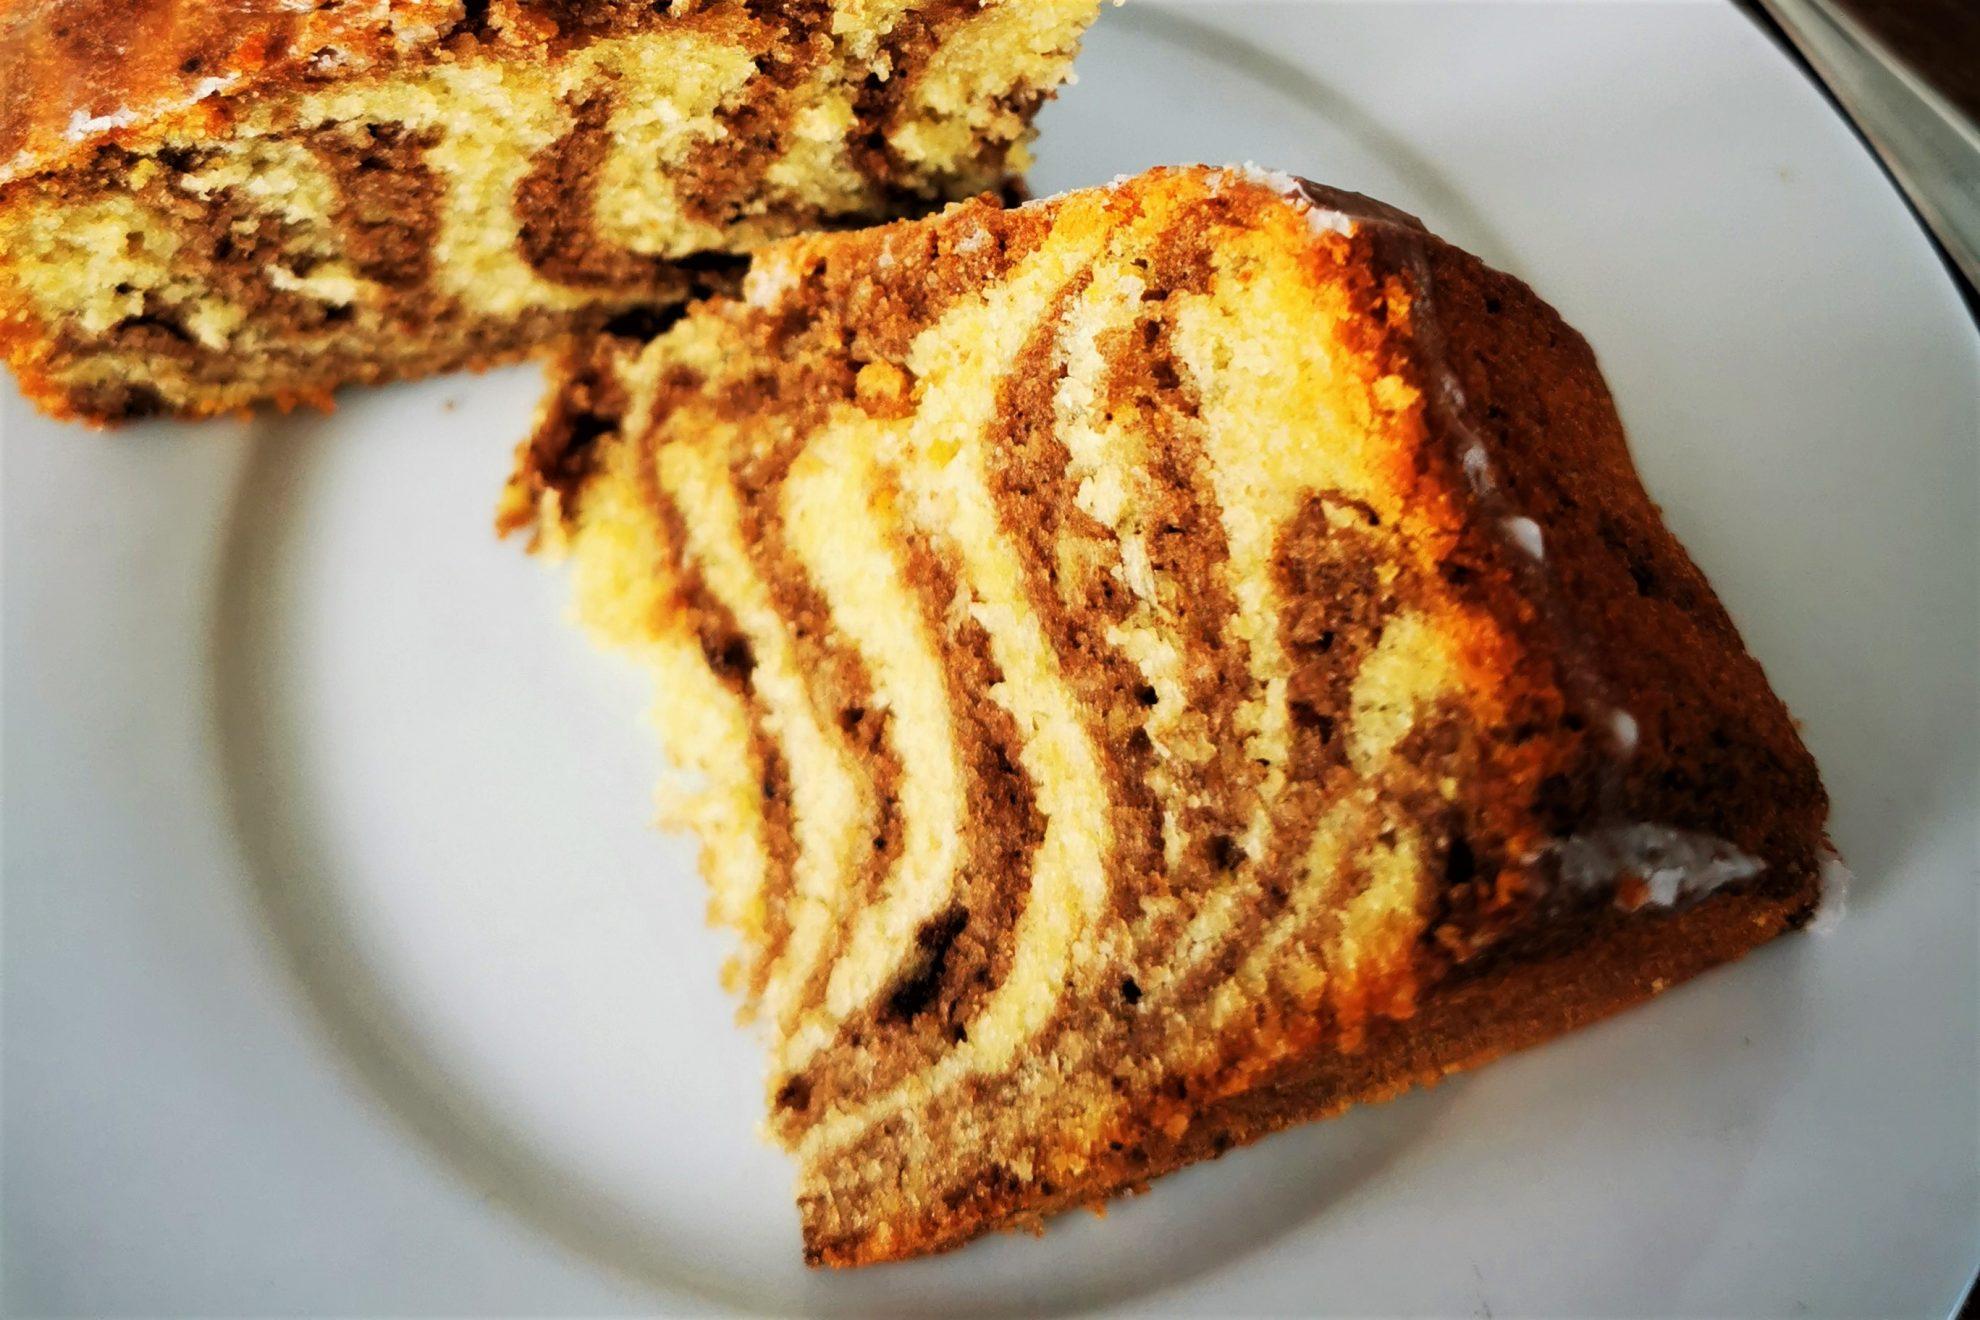 Dieses Rezept für Zebrakuchen ist nicht nur simpel, es schmeckt auf herrlich saftig und bringt ein optisches Highlight mit sich. #kuchen #backen #rezept #backrezept #zebrakuchen #marmorkuchen